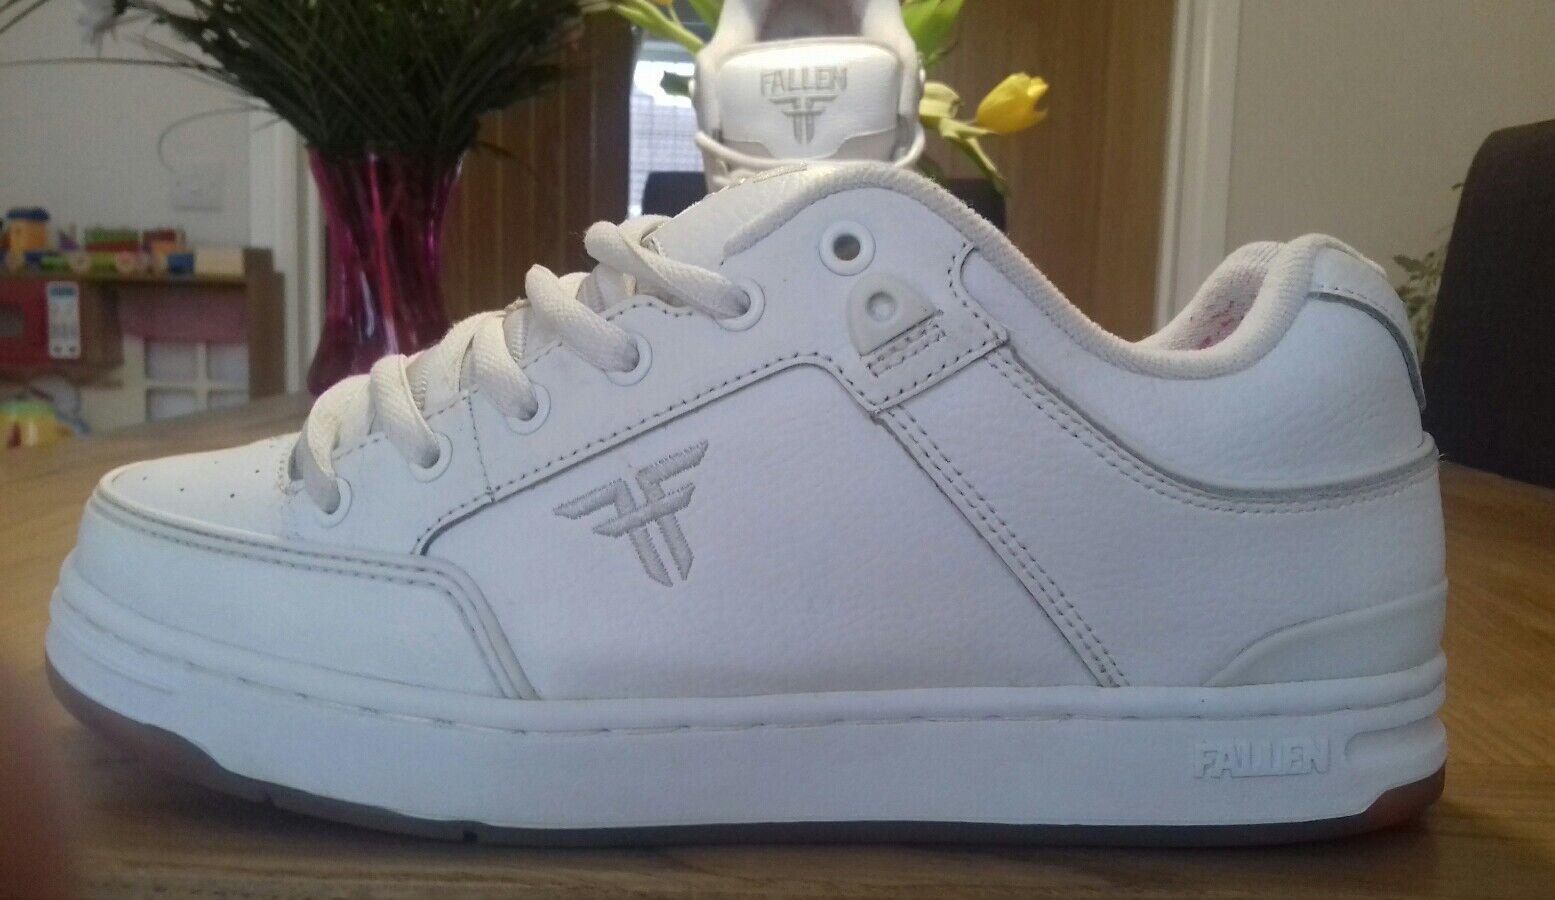 FALLEN HERITAGE SKATE Zapatos Zapatos SKATE sz7/eu41 és/KOSTON/MUSKA/SCHEME/EMERICA/CIRCA/THOMAS 7e8d3b